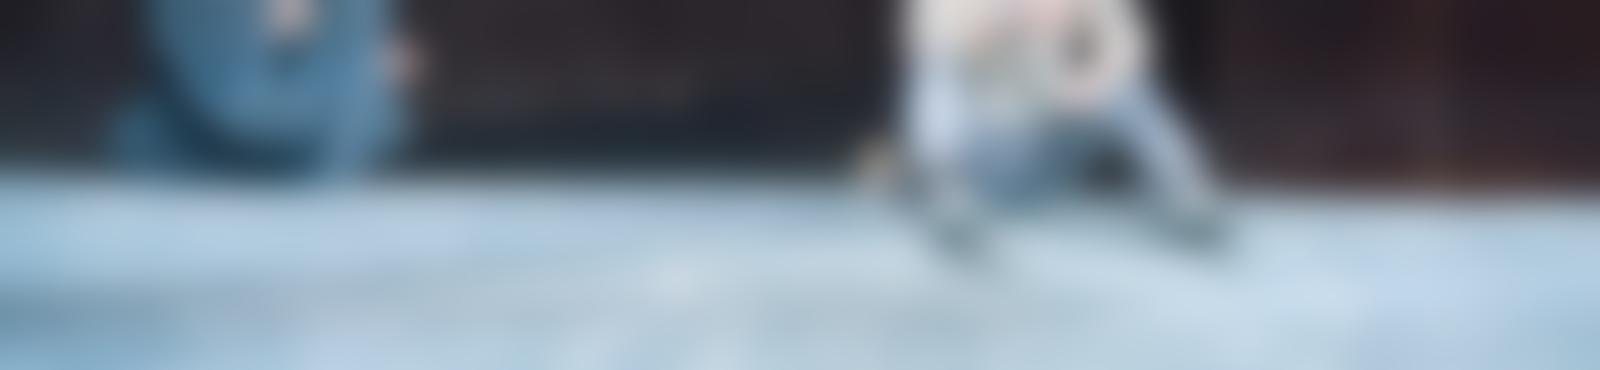 Blurred ef3ec116 a5dc 4e32 8c7e 11776c174cff